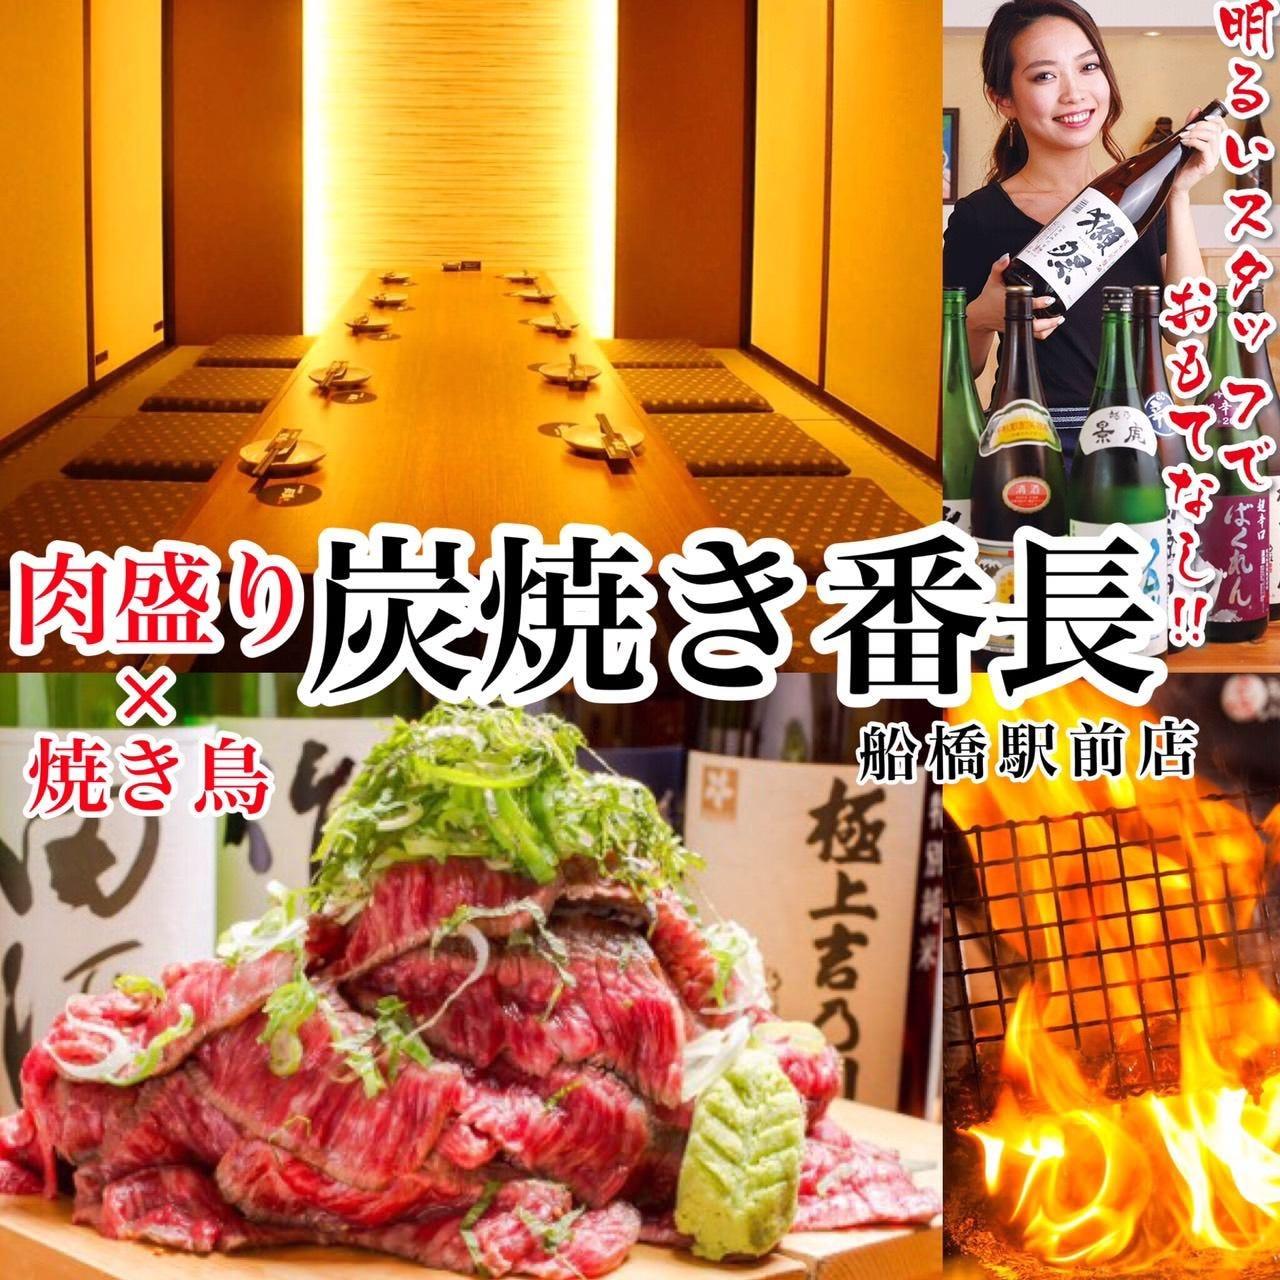 炙り肉寿司食べ放题 完全个室 和食の故乡 ‐船桥本店‐